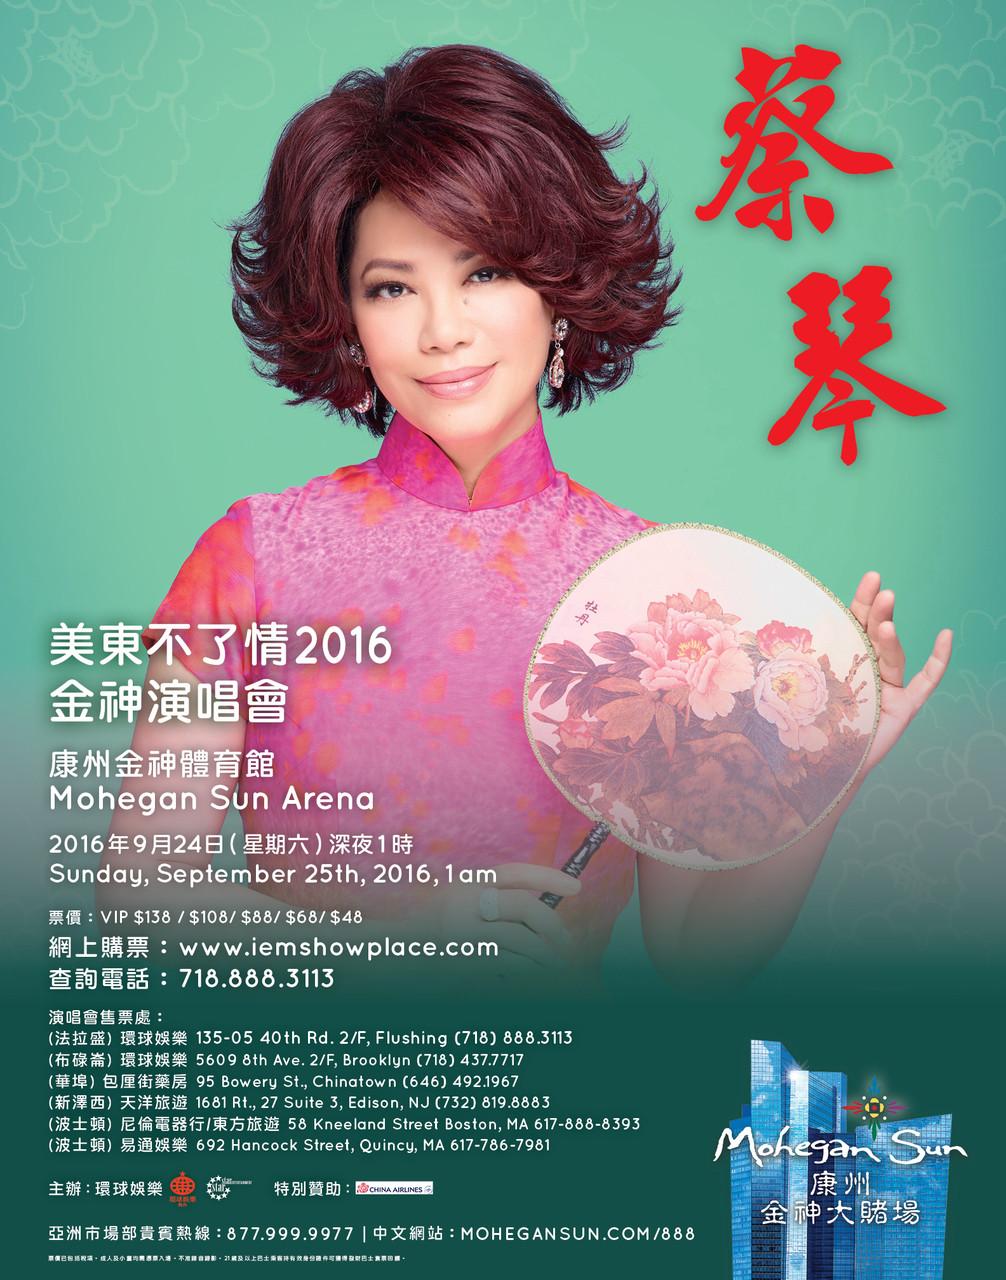 Tsai Chin 2016 Mohegan Sun